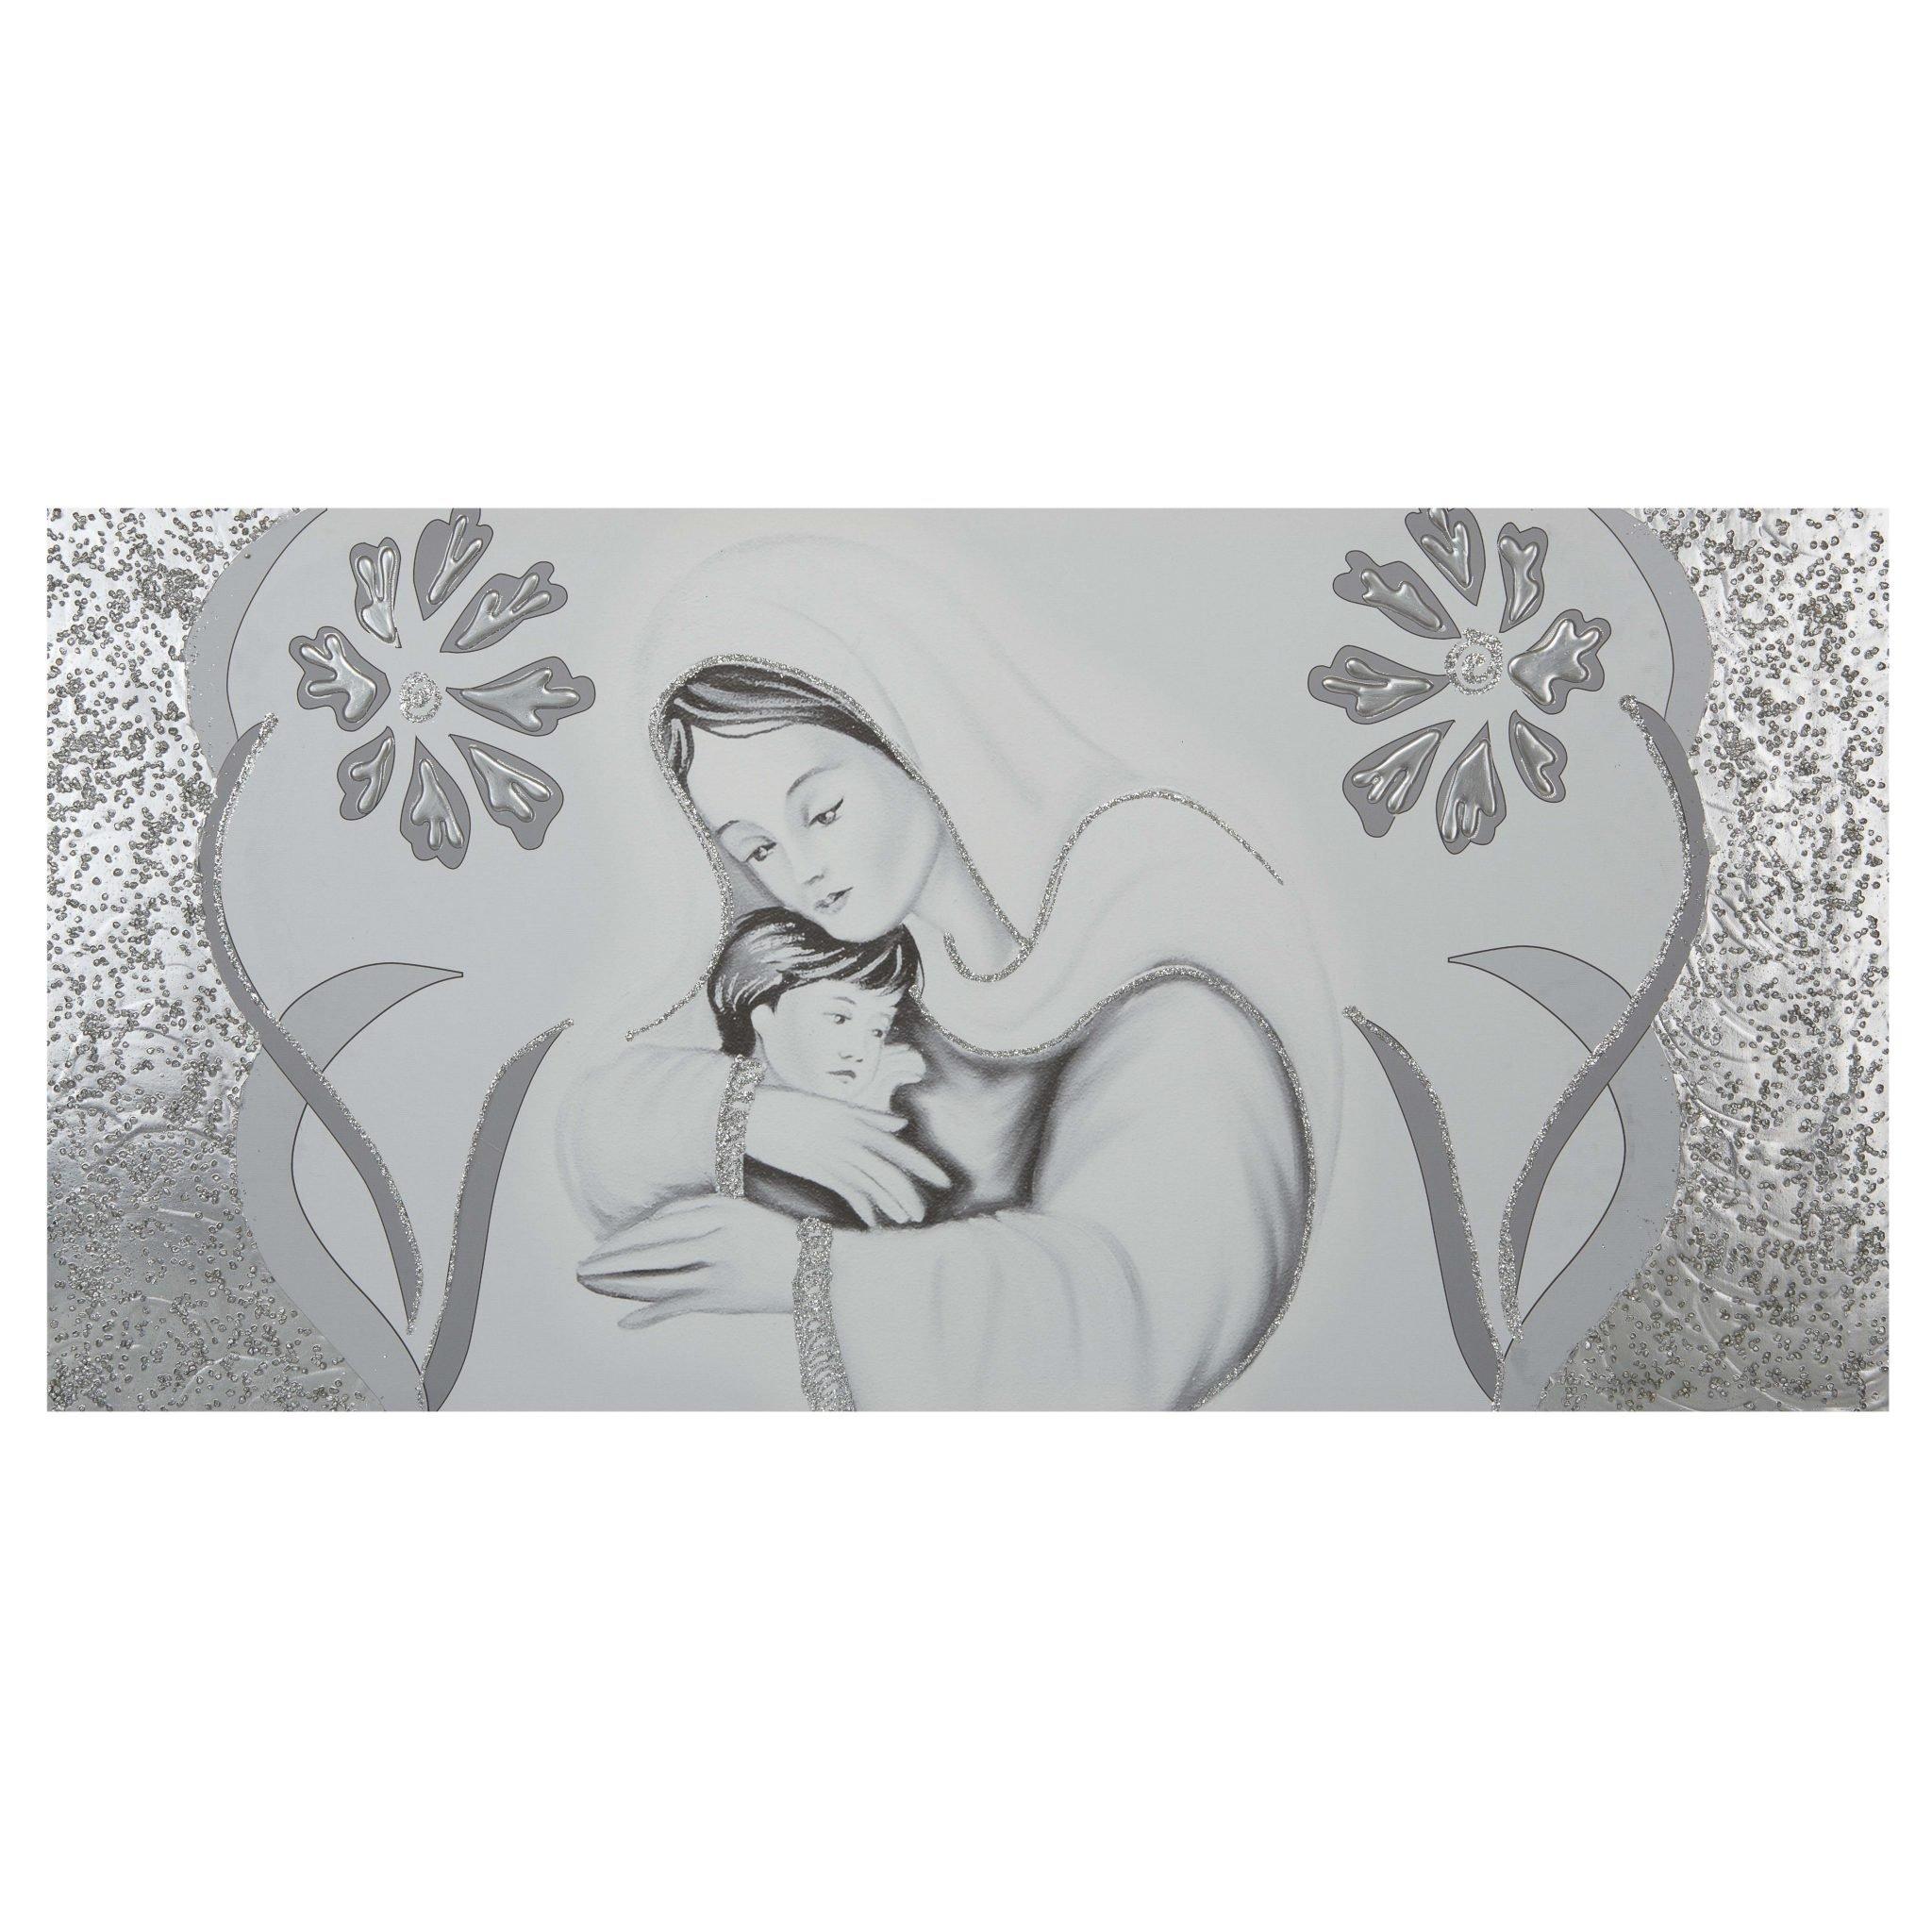 quadro-capezzale camera da letto su tela cotone camera da letto maternità sacra fiori argento